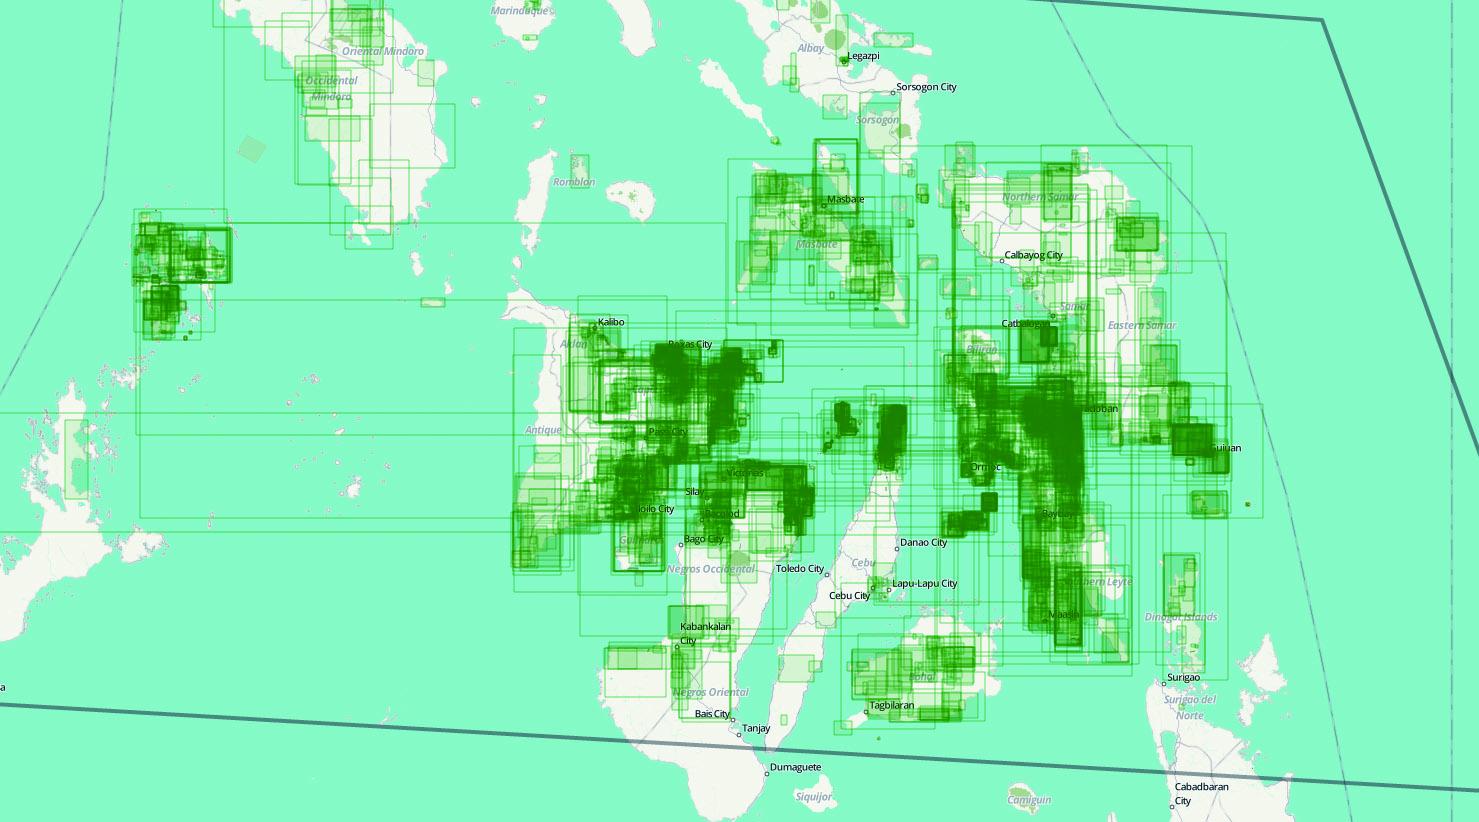 So sehen die Karten aus, die ständig aktualisiert werden. Grafik: Copyright © Pascal Neis (neis-one.org), Map data © OpenStreetMap contributors